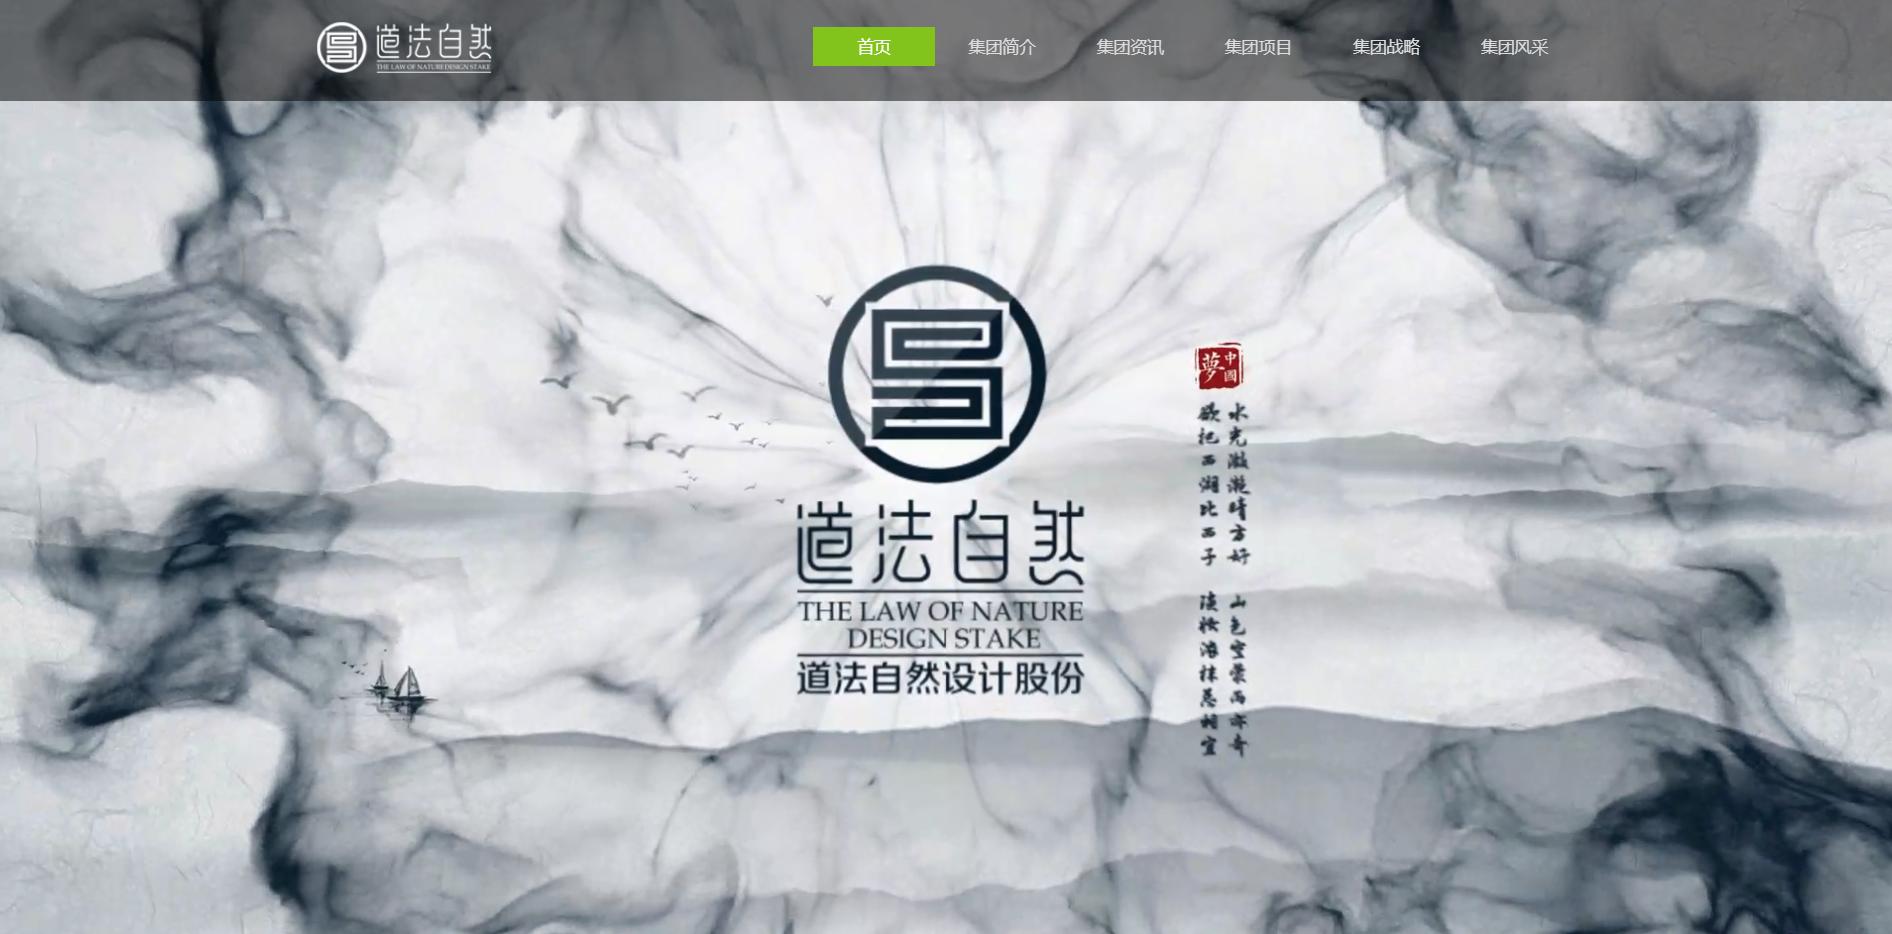 济宁网站建设案例—中国文化景观官网—济宁网站建设